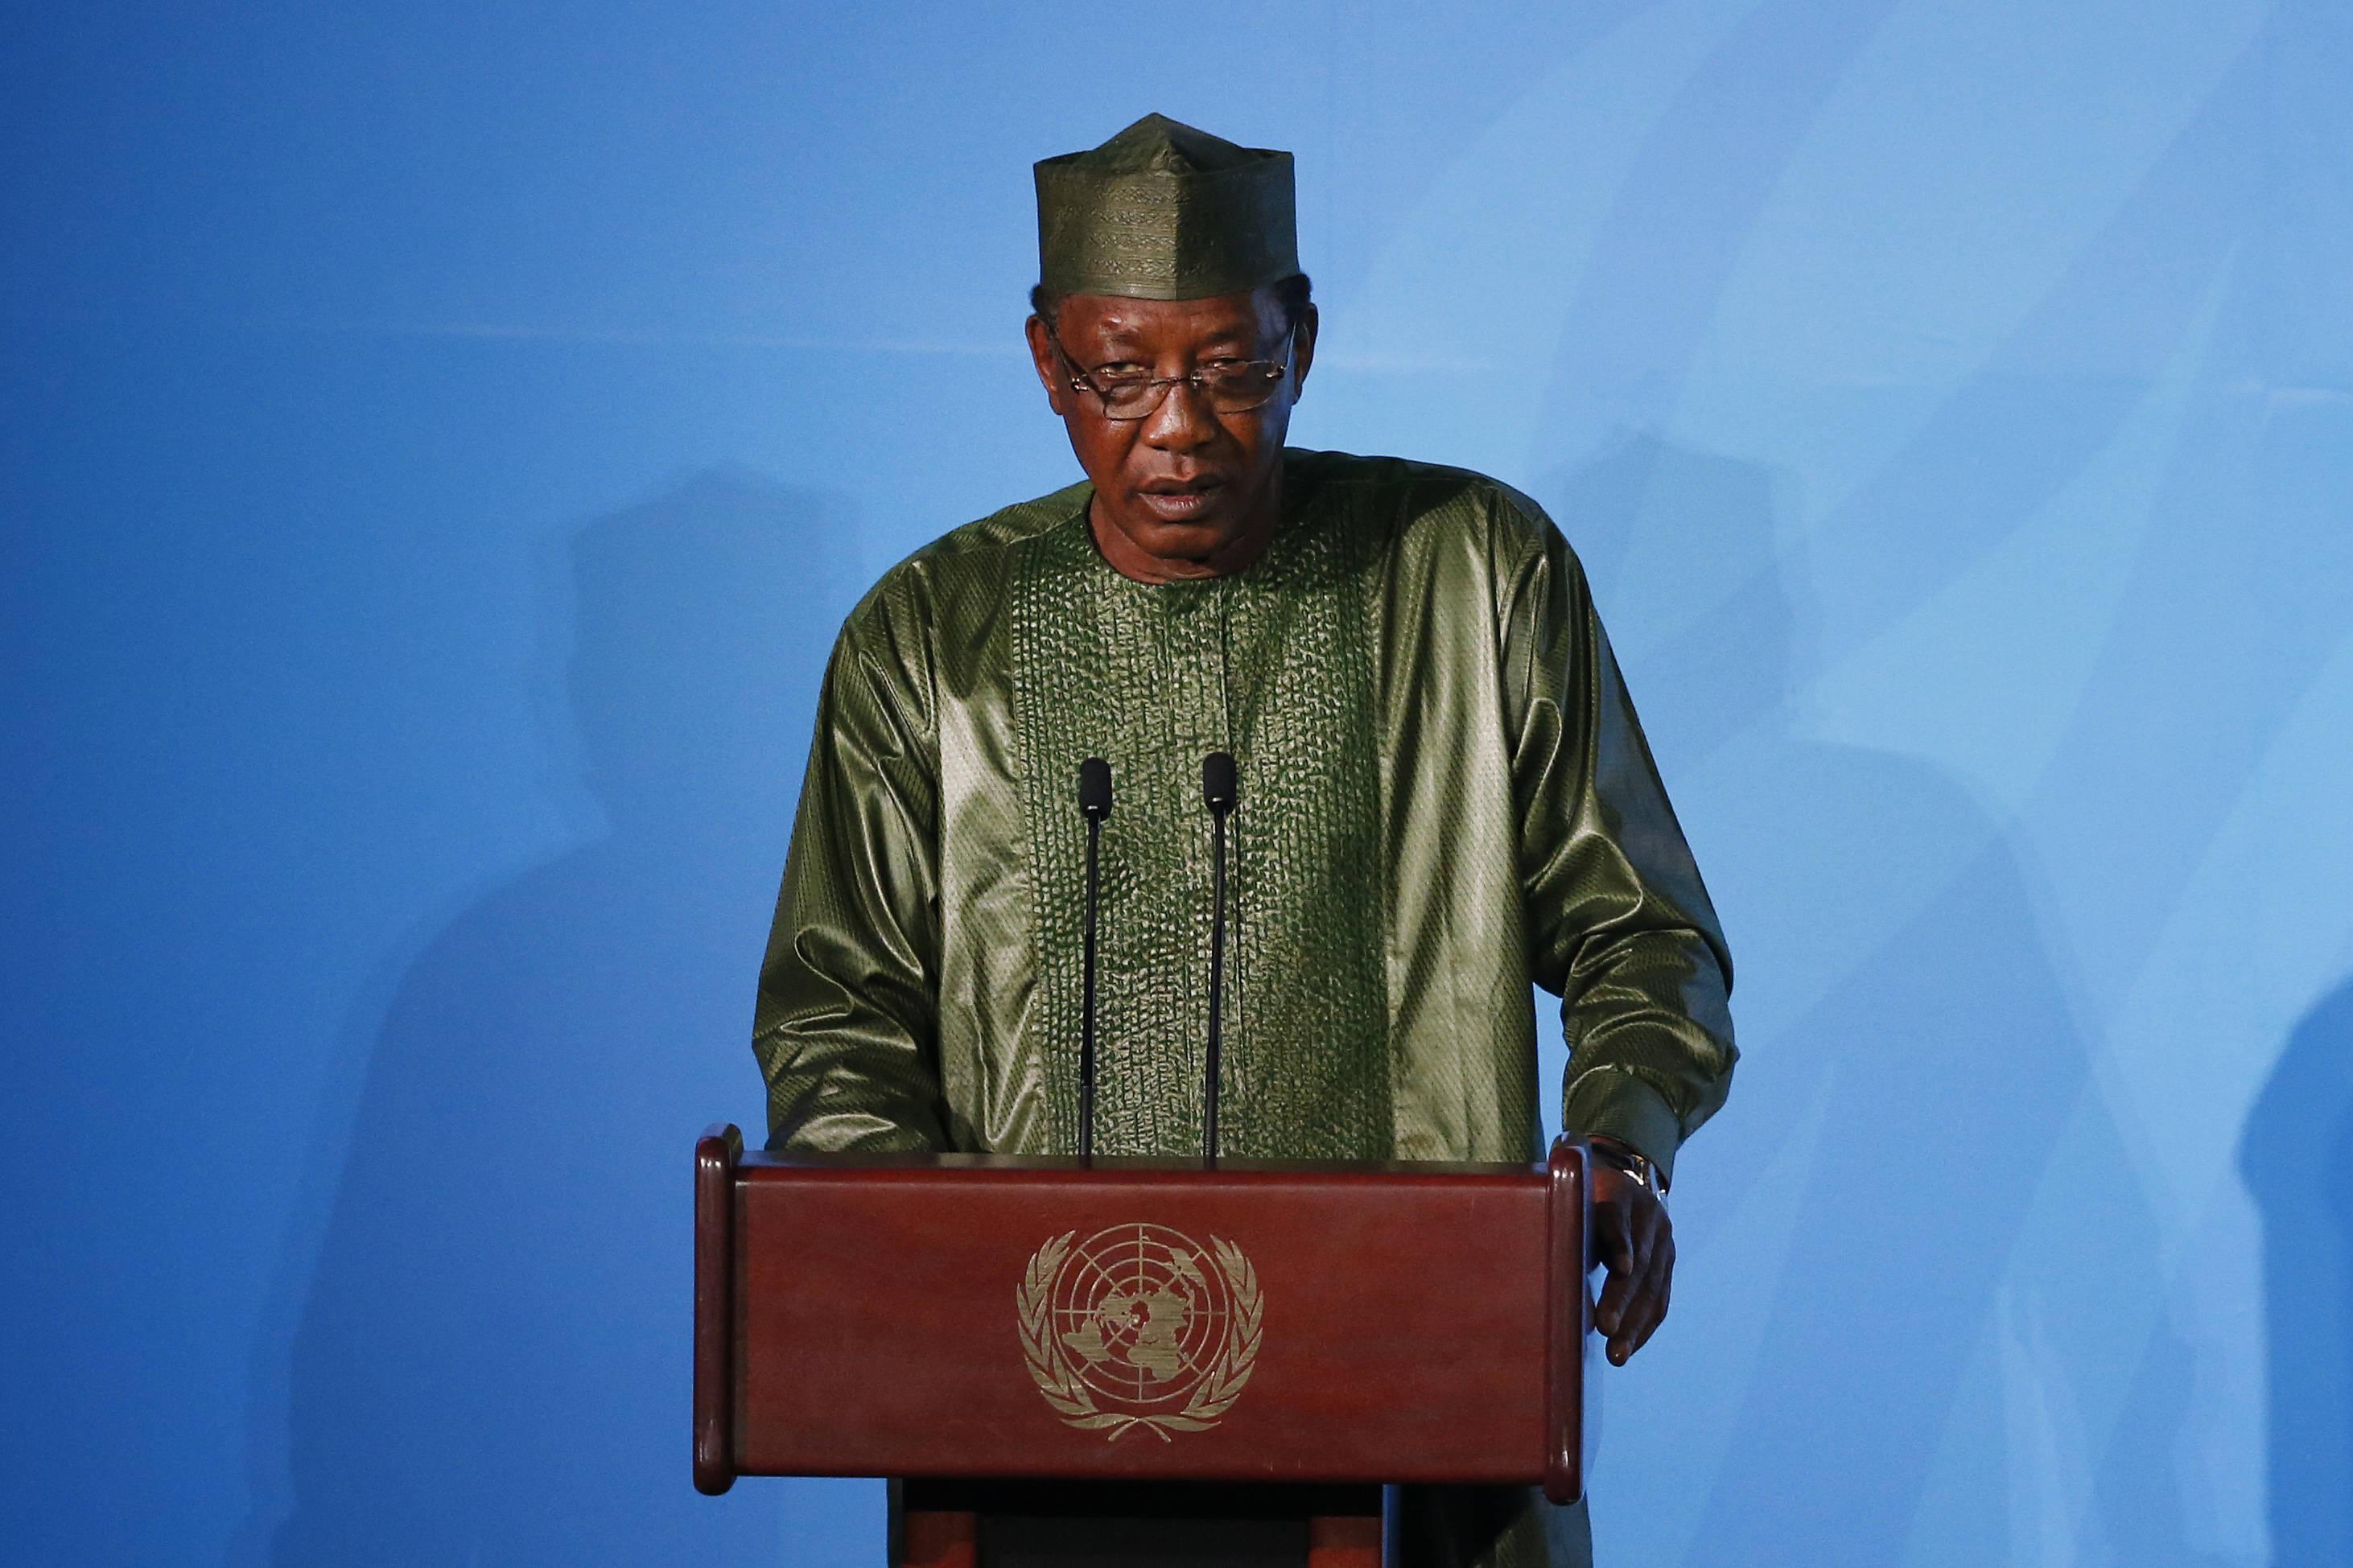 La président Idriss Déby lors du sommet sur le climat à l'ONU, le 23 septembre 2019.